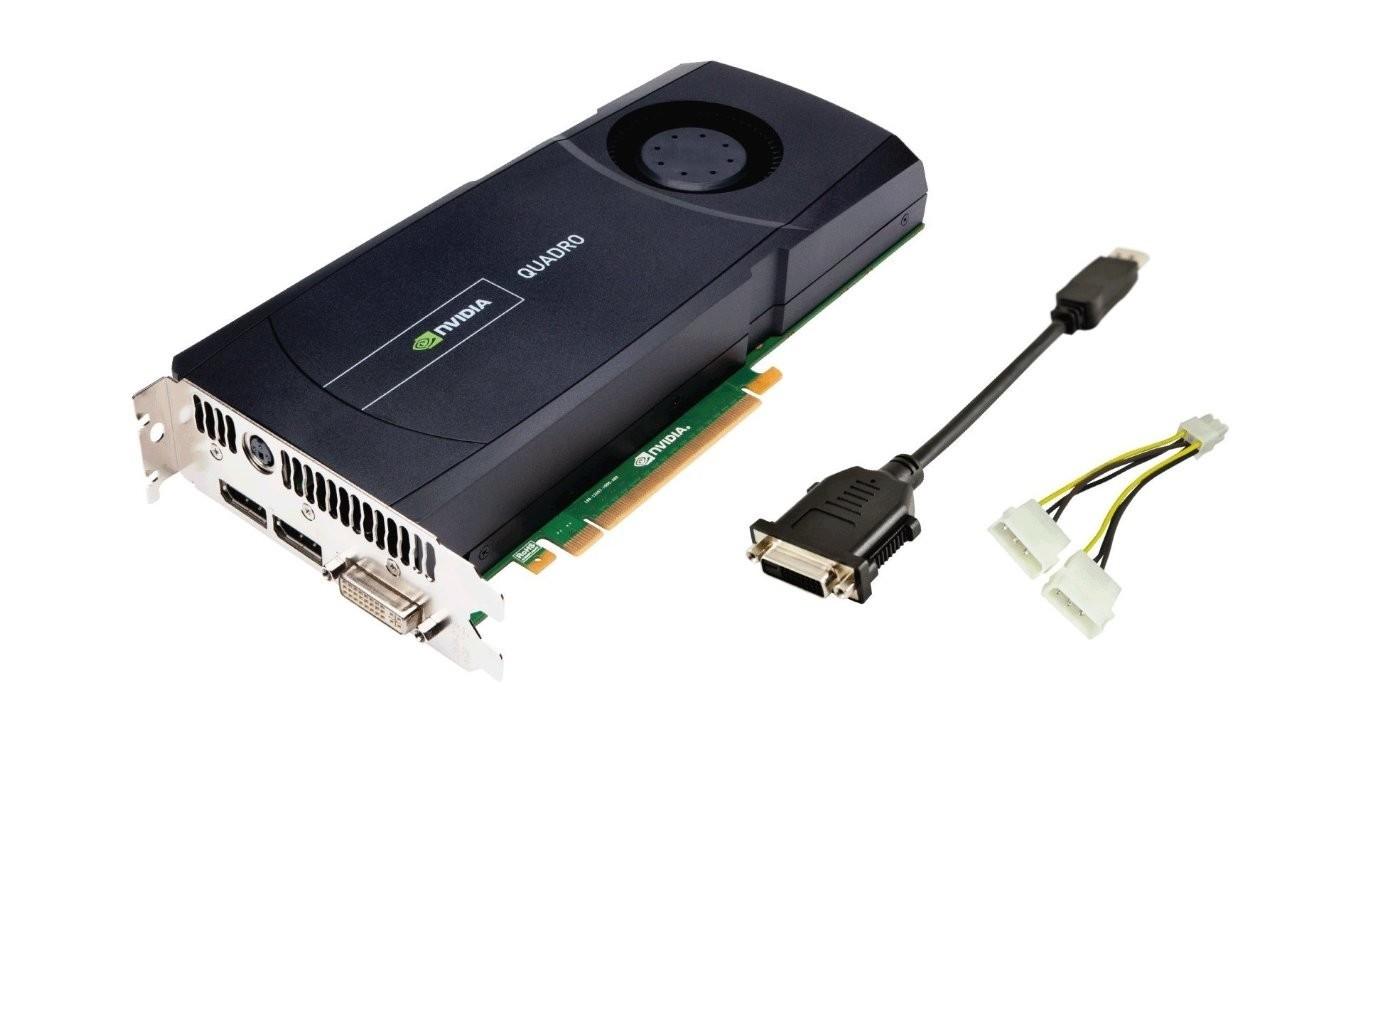 2.5GB nVIDIA Quadro 5000 PCI Express 2.0 x16 GDDR5 DVI OEM VCQ5000-PB